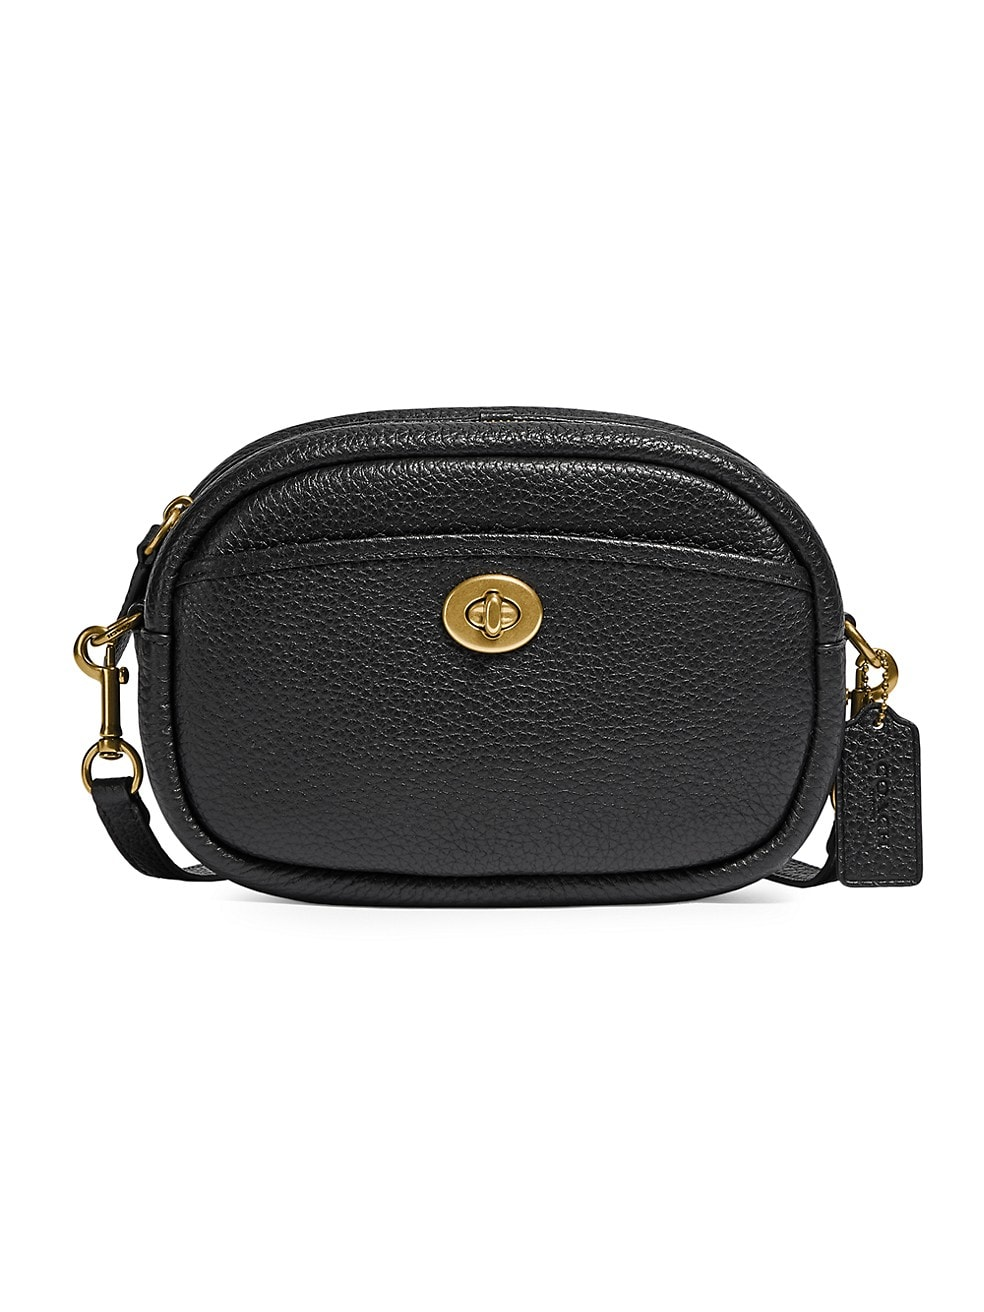 코치 카메라백 COACH Pebbled Leather Camera Bag,BLACK